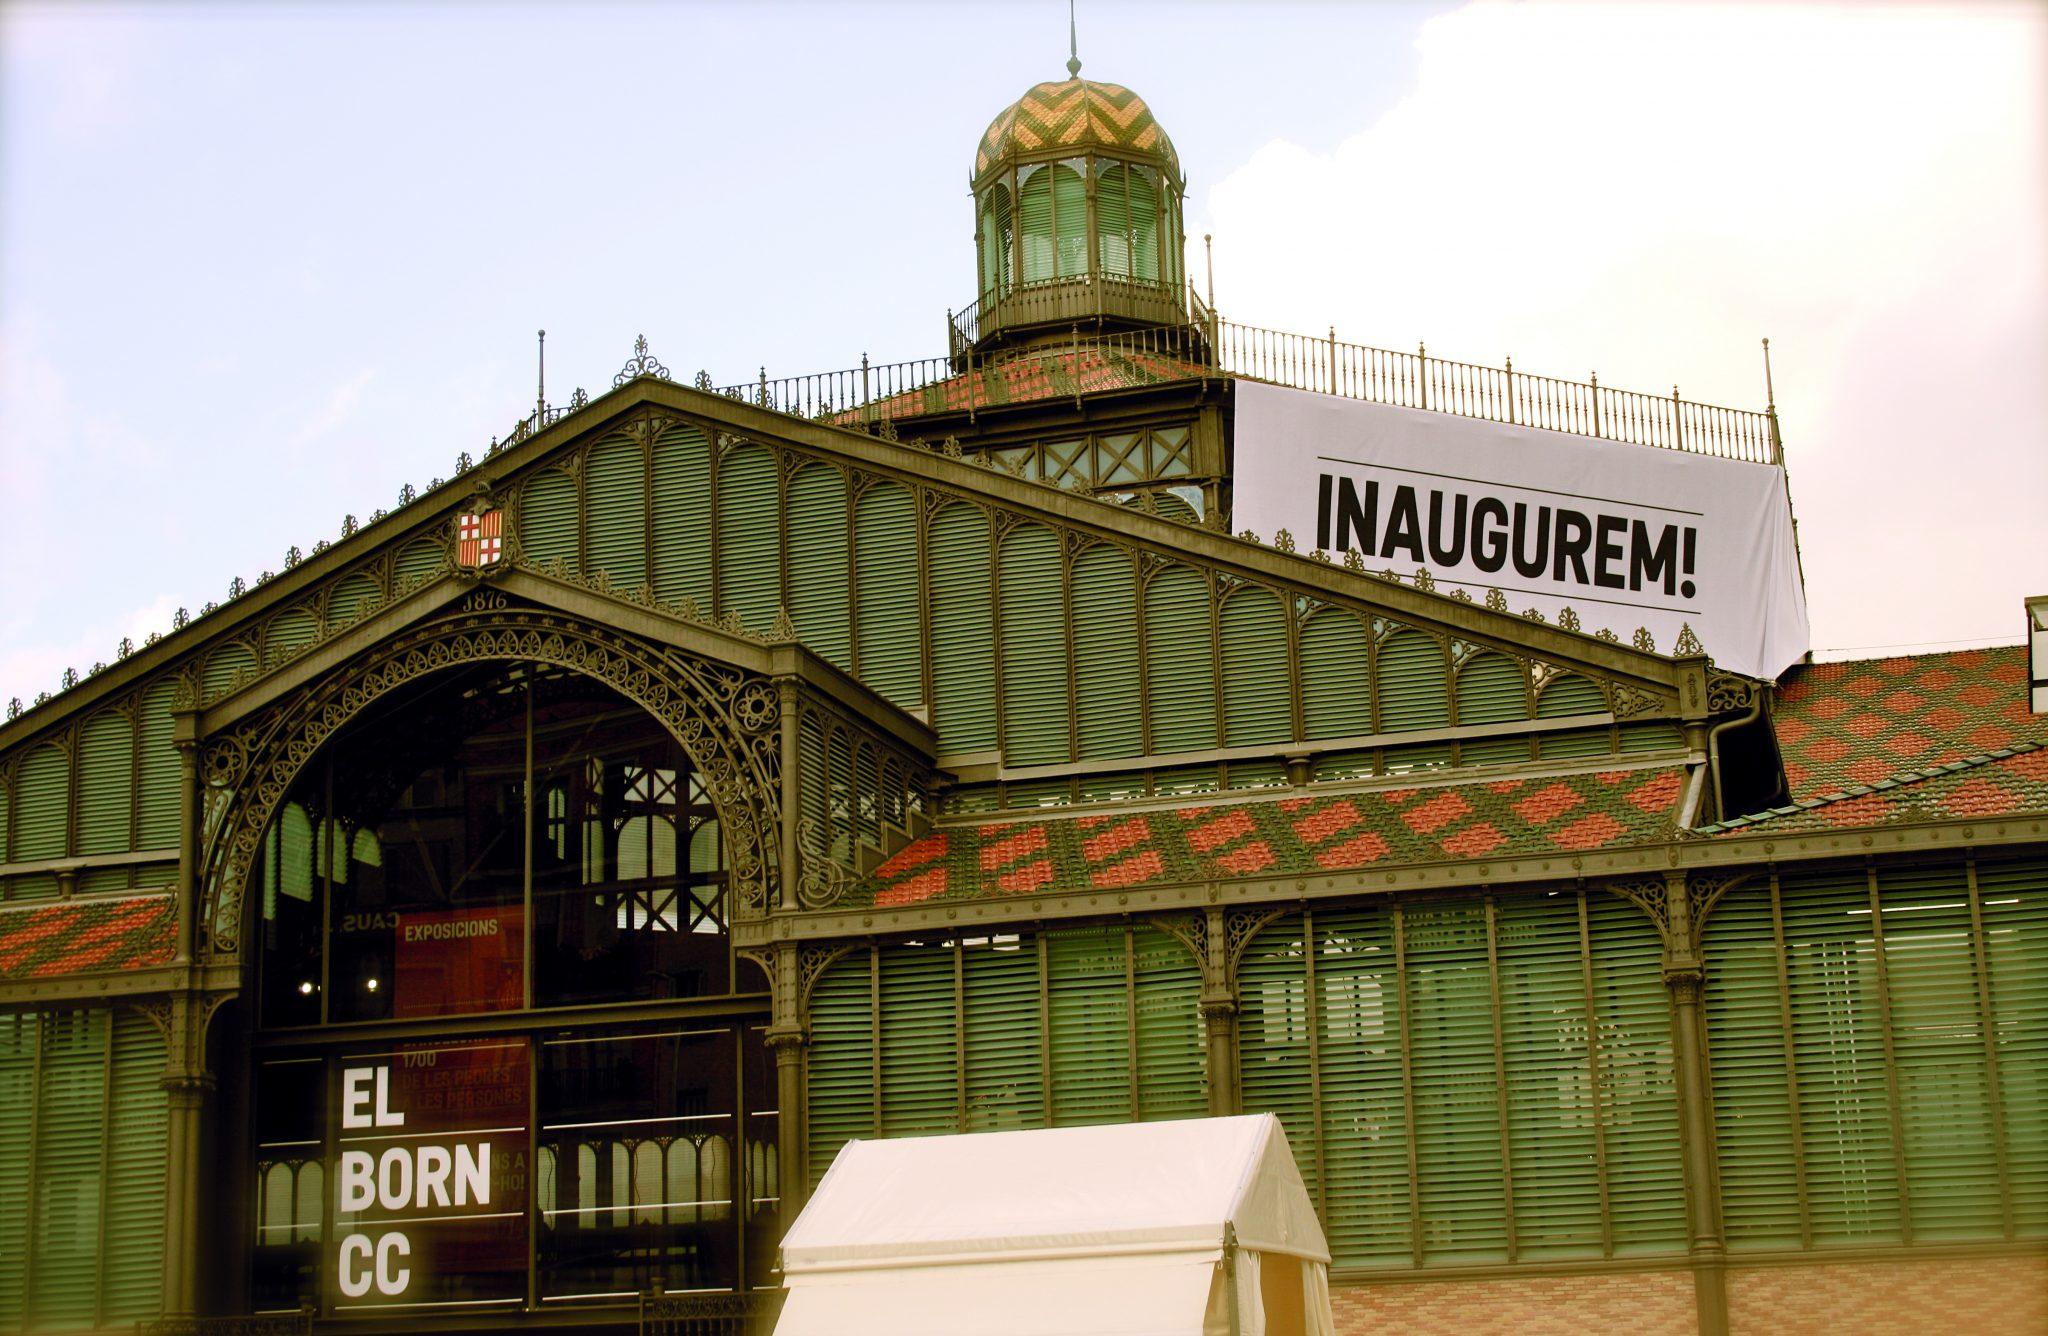 ¿Un Mercado Turístico O Para El Barrio? El Mercado Del Born